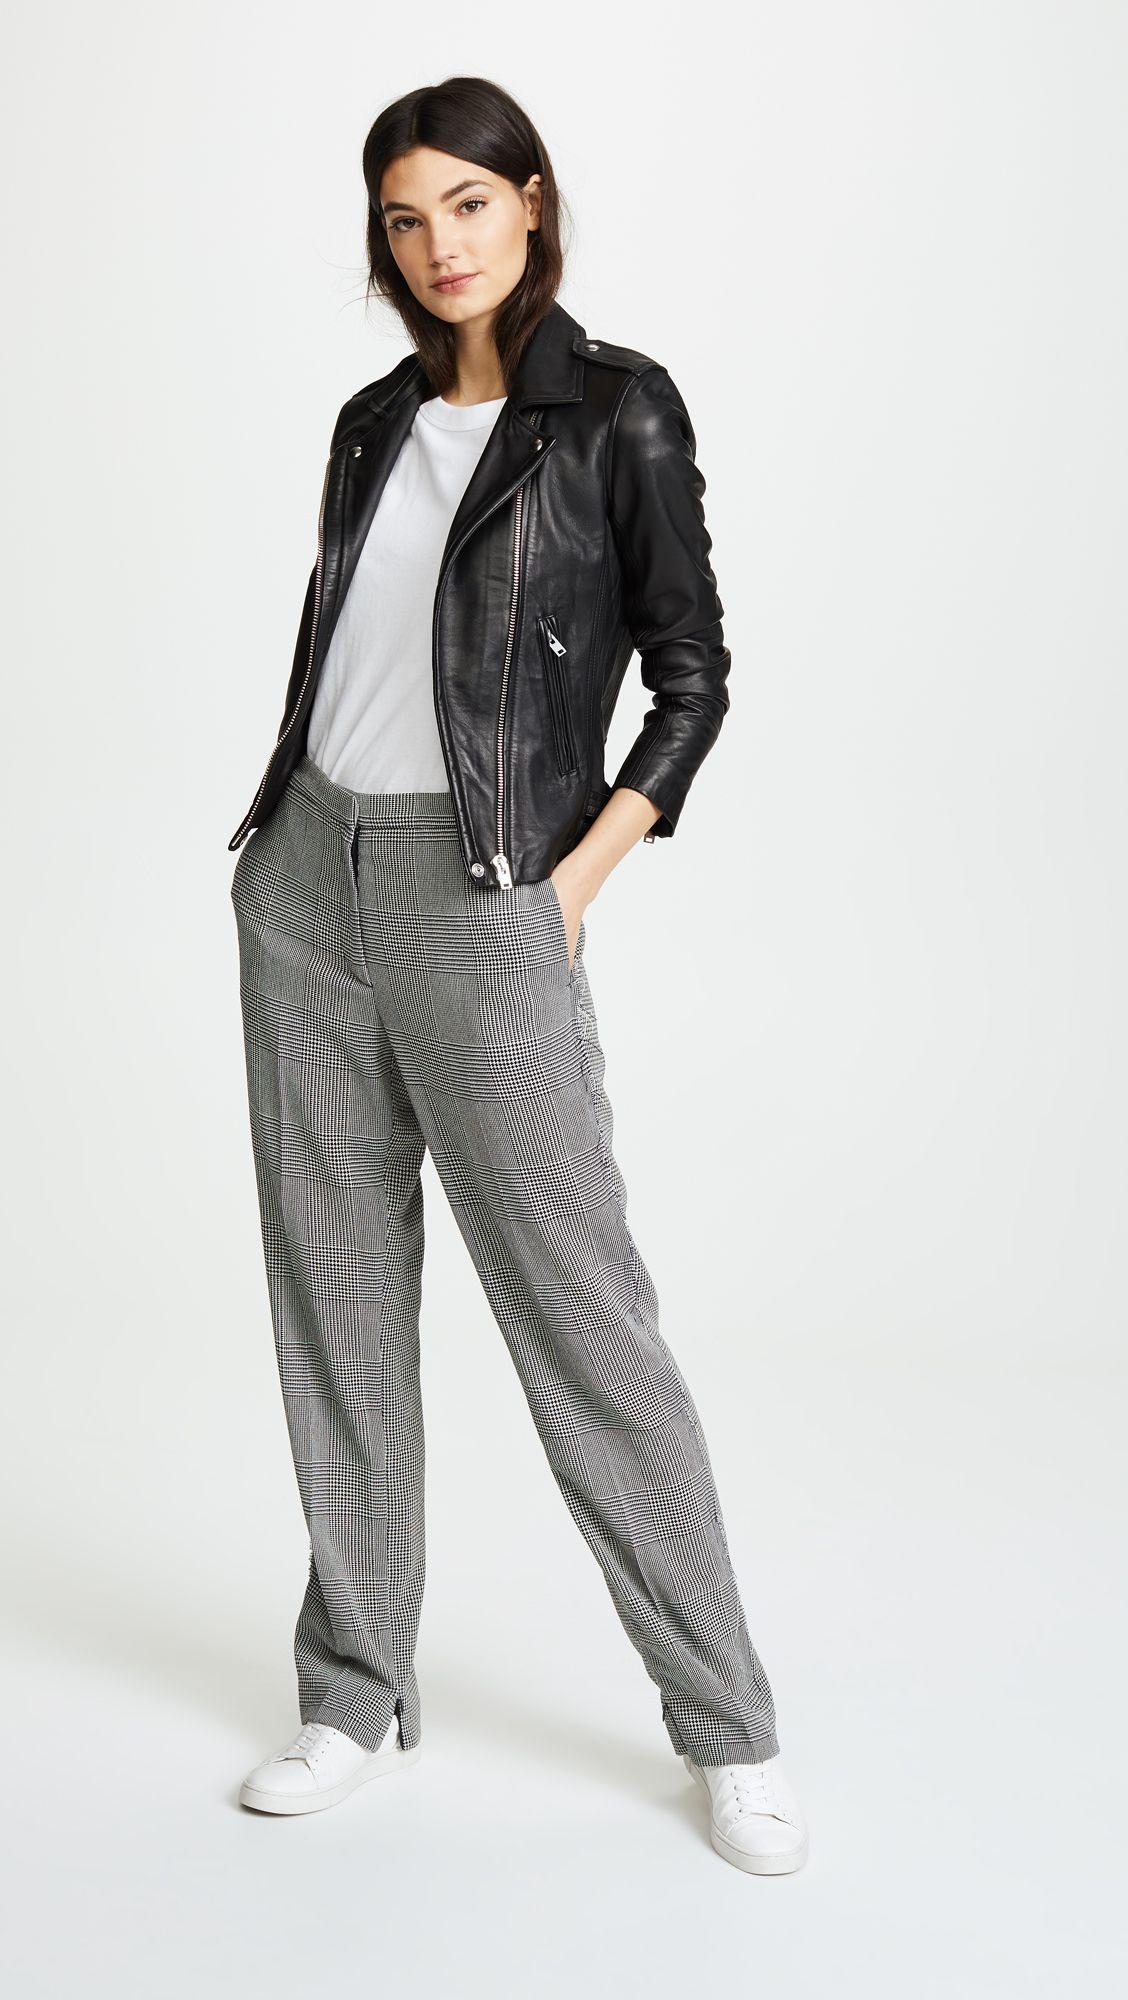 Iro Han Leather Jacket Leather Jackets Women Leather Jacket China Fashion [ 2000 x 1128 Pixel ]